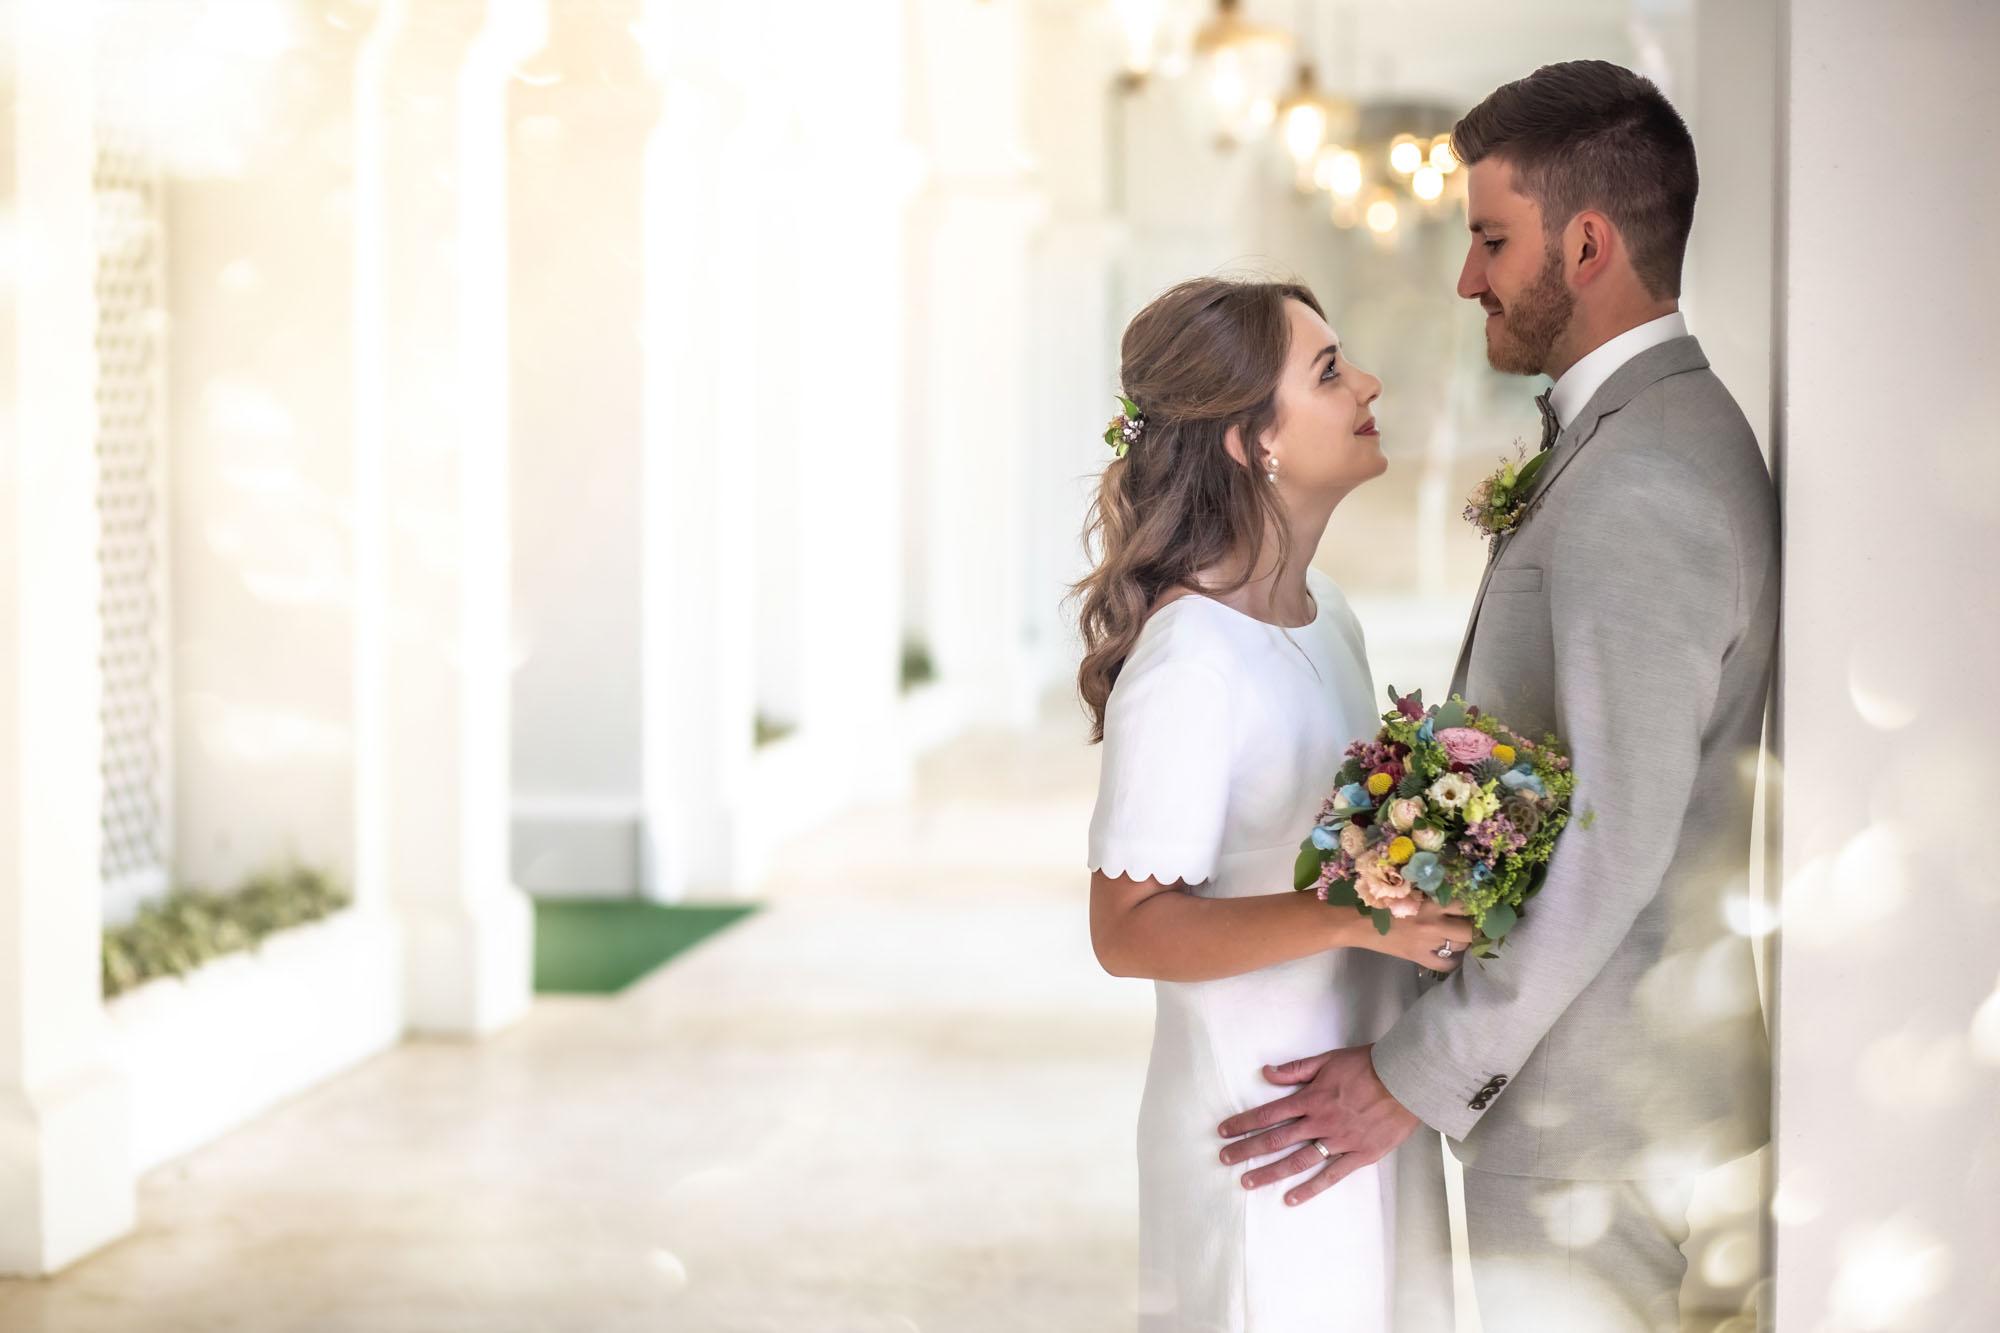 M et Mme - photographe de mariage